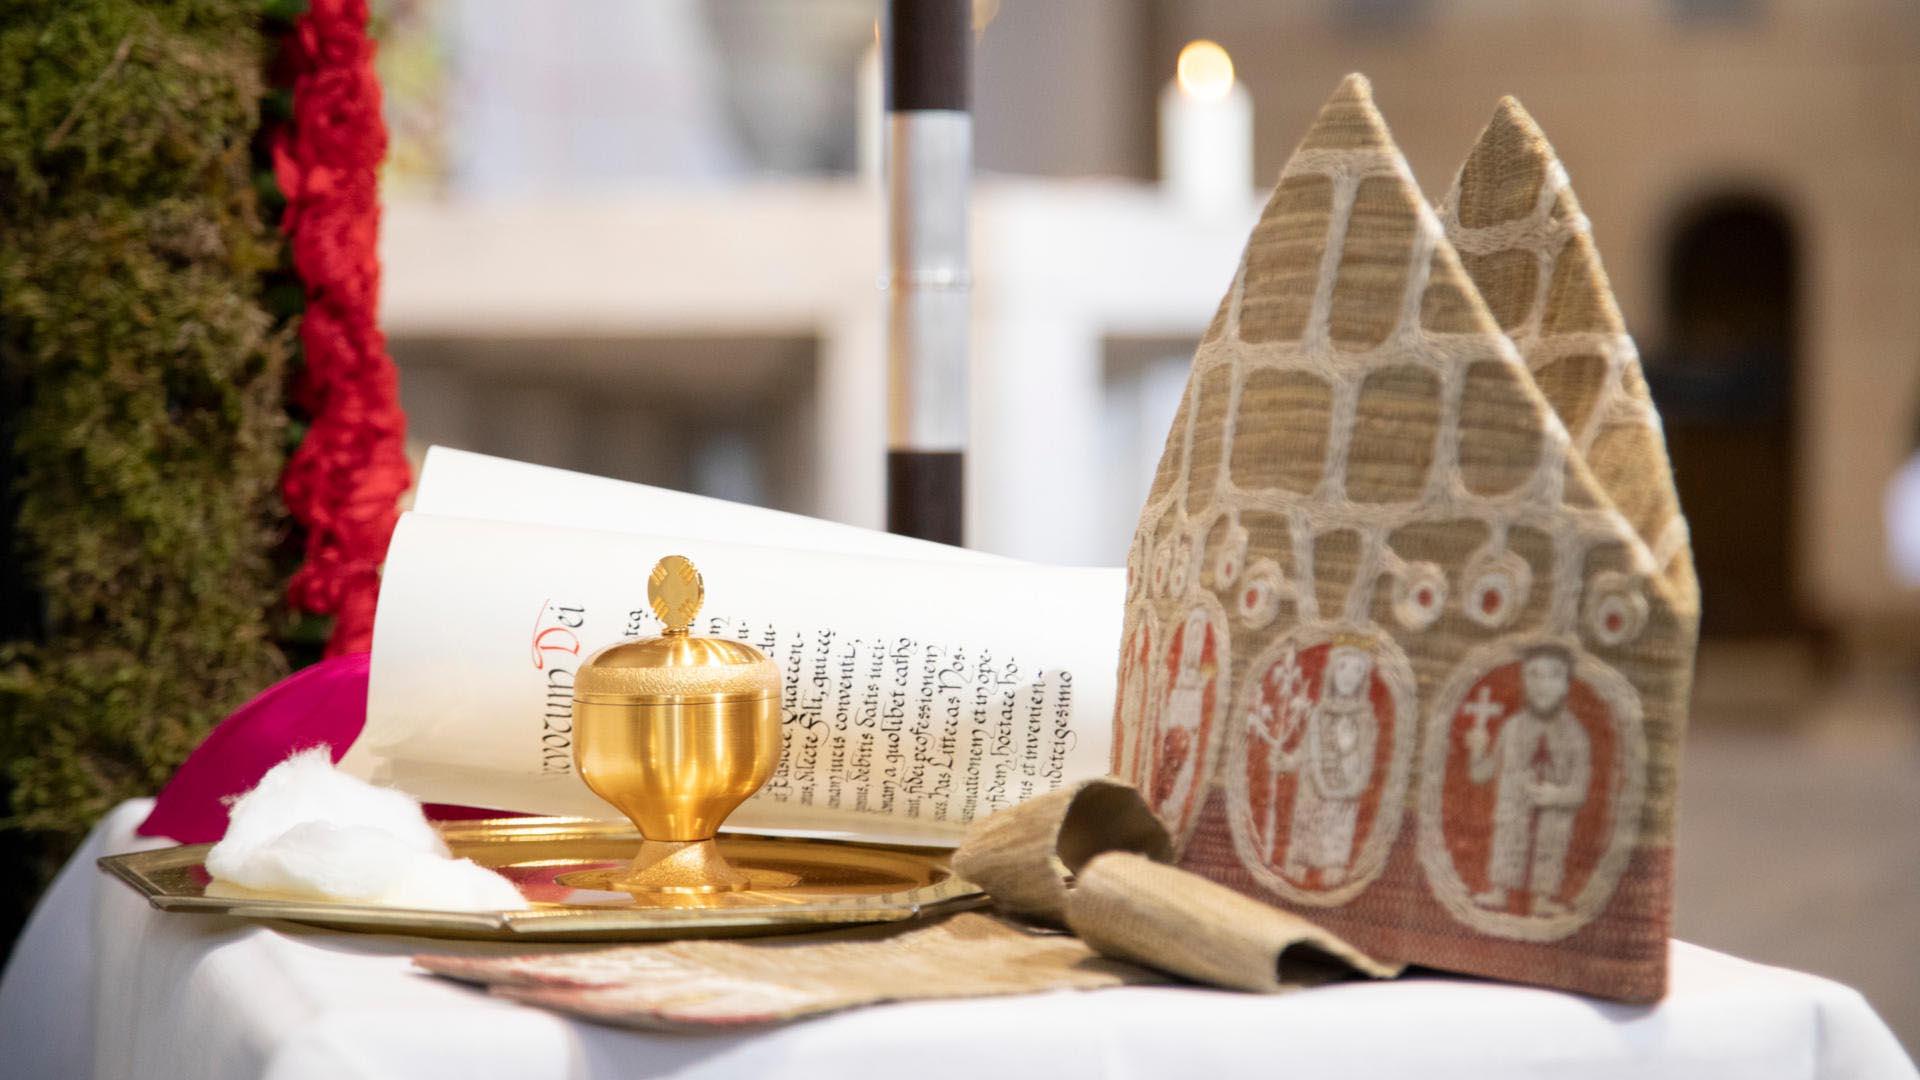 Bischof Bertram trug bei seiner Bischofsweihe eine Mitra seines Amtsvorgängers Josef Stimpfle (Foto: Anika Taiber-Groh / pba)